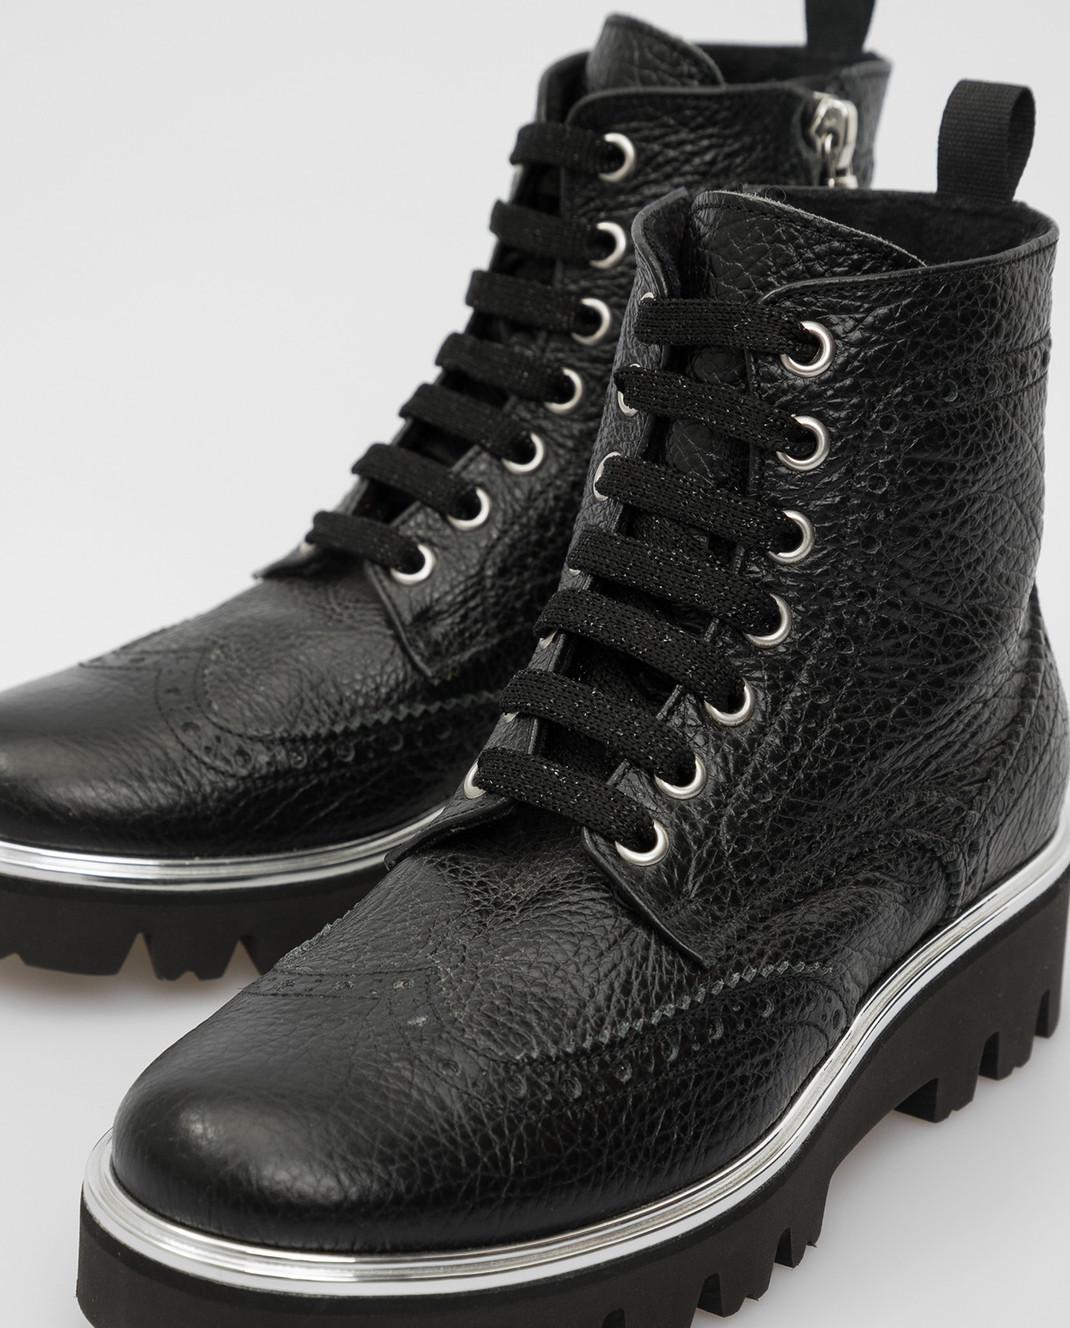 Zecchino D'oro Детские черный ботинки R0868013032 изображение 4